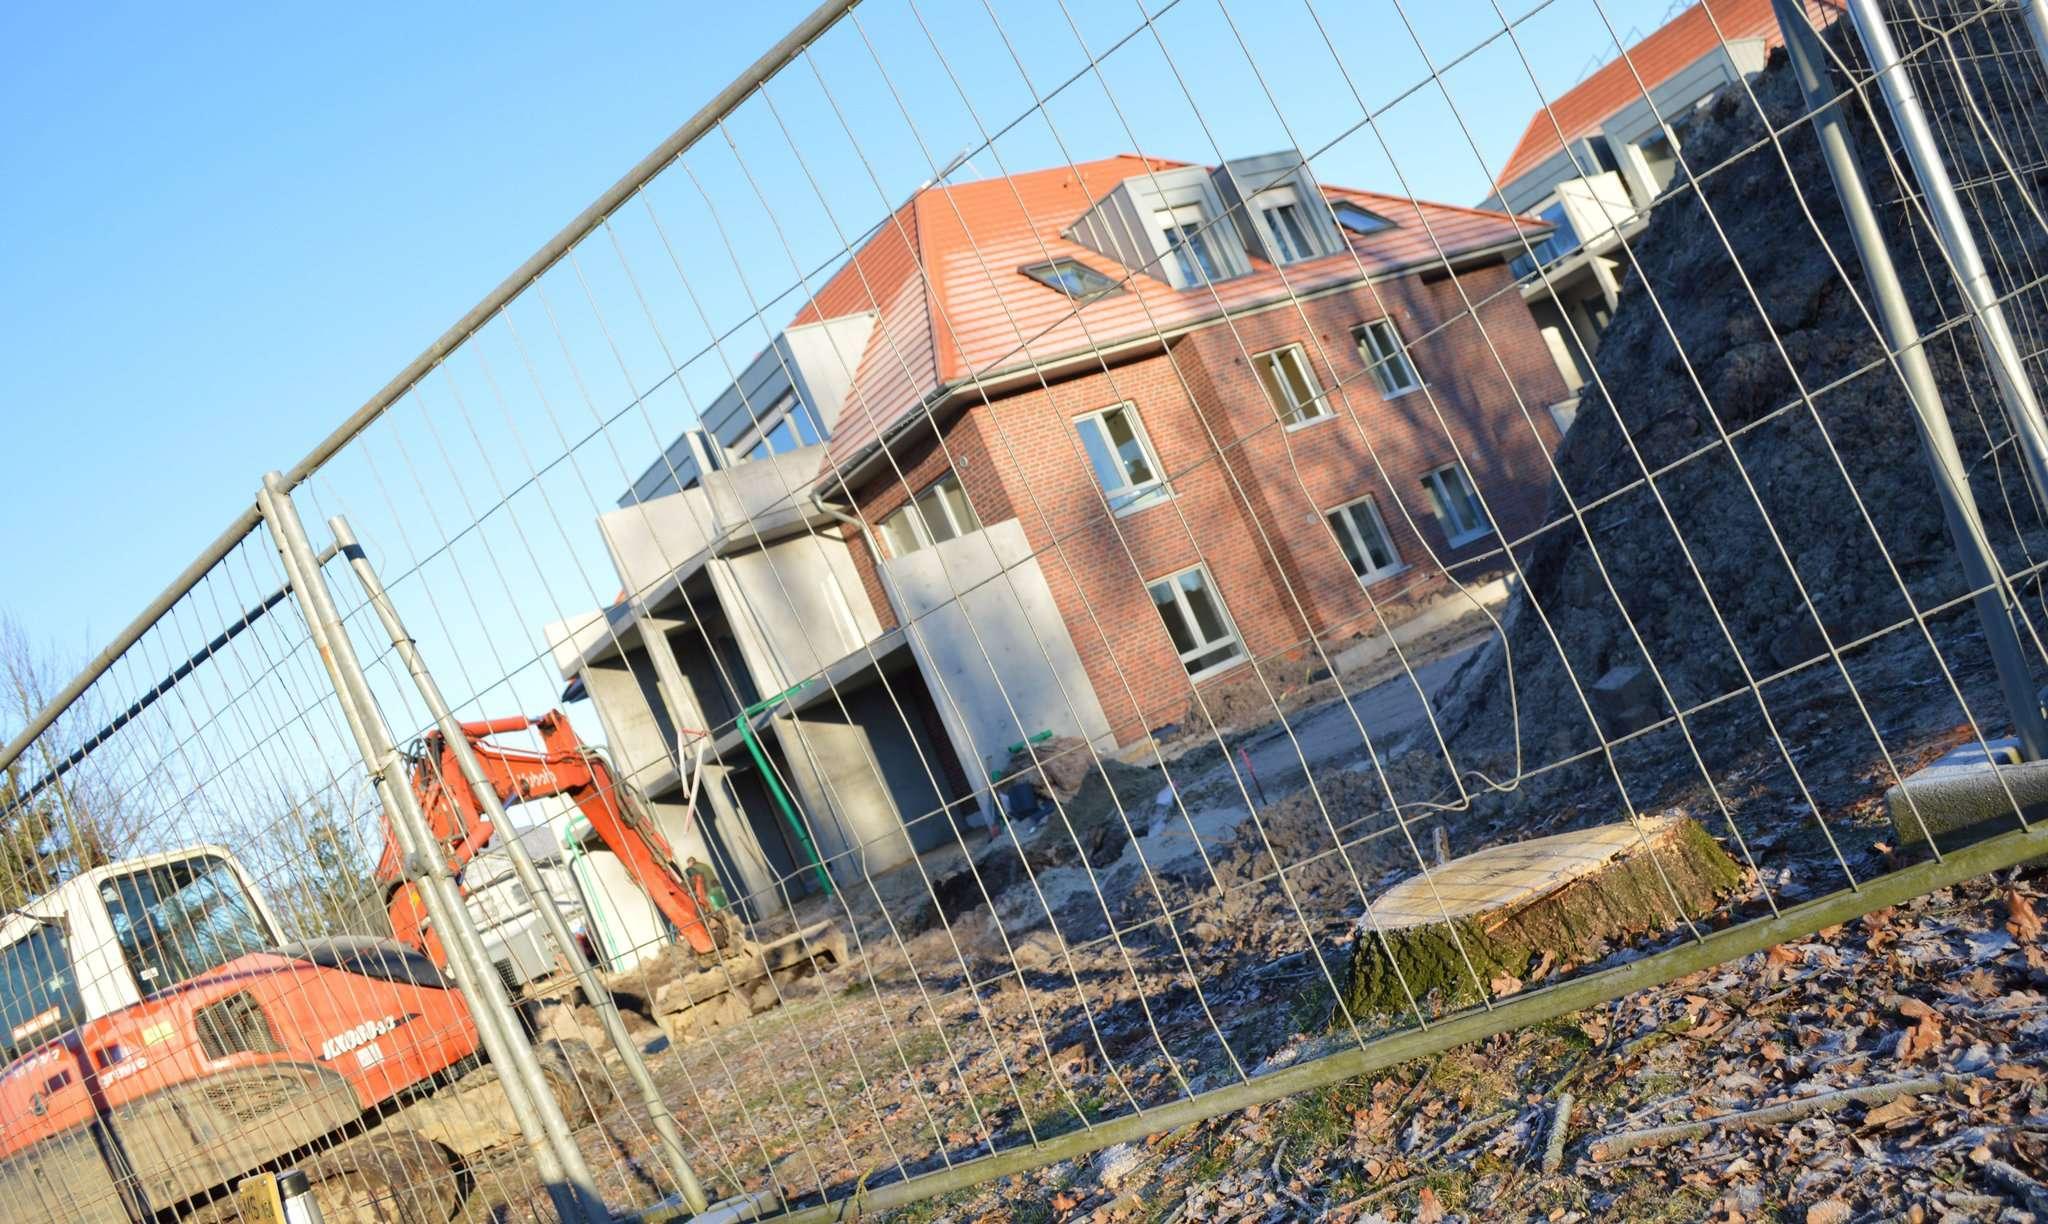 Stumpf des Anstoßes: Vier Bäume fielen im vergangenen Jahr rund um das Bauprojekt